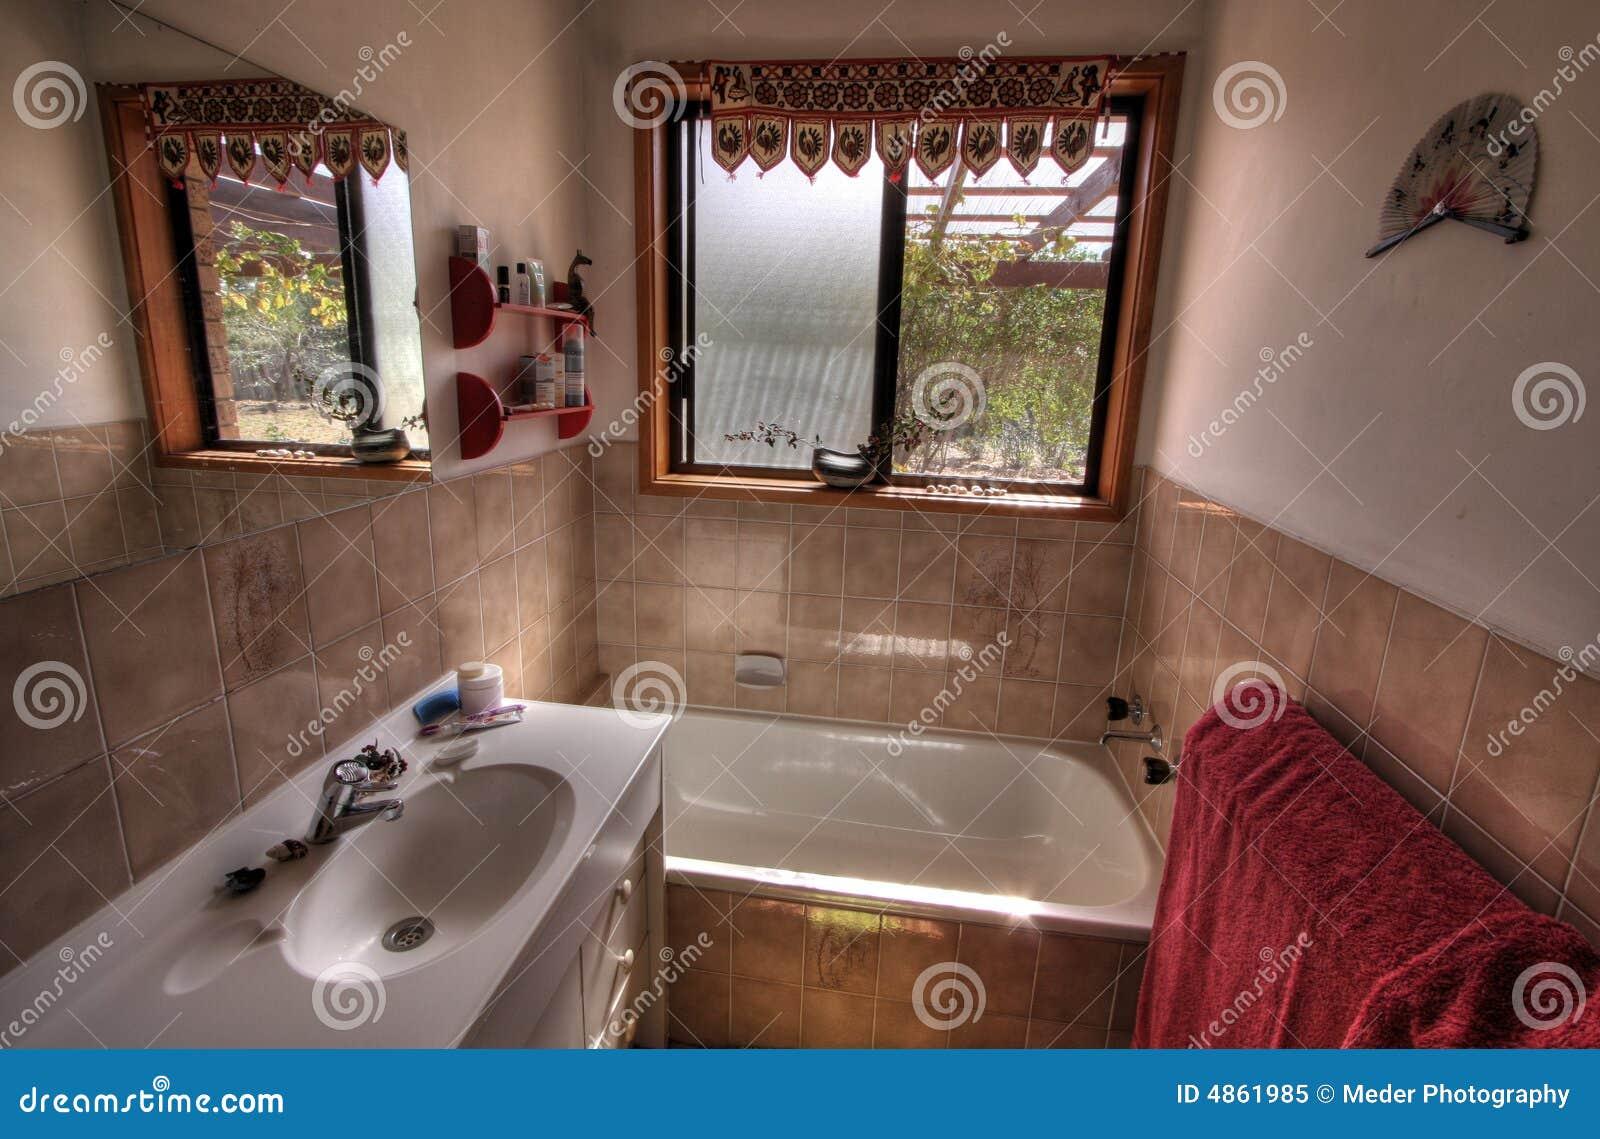 Banheiro Moderno Pequeno Foto de Stock Royalty Free  Imagem 4861985 -> Banheiro Moderno Com